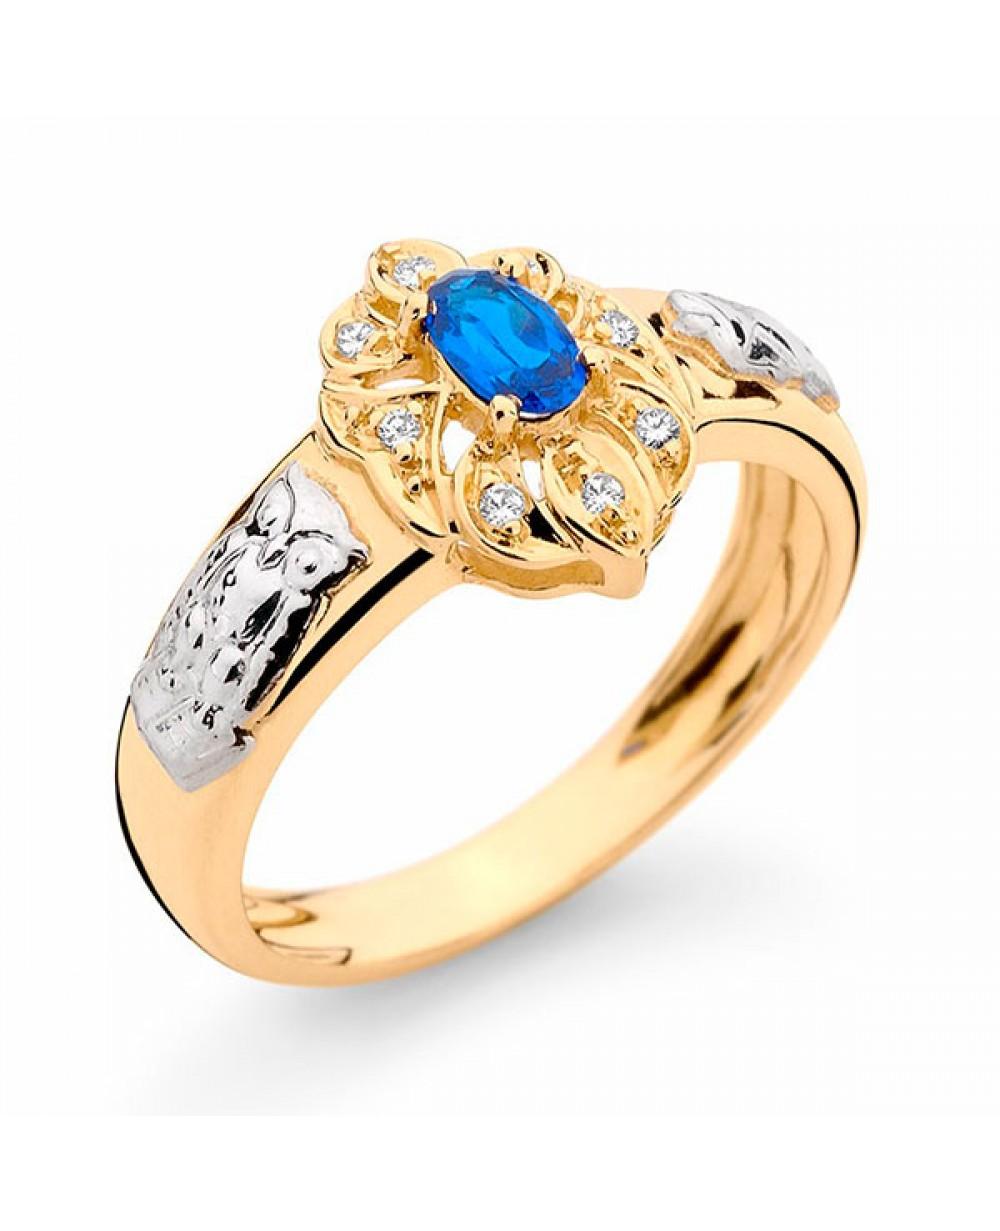 Anel Formatura em Ouro 18K com Pedra Natural Safira e Diamantes ... 587a6c7495